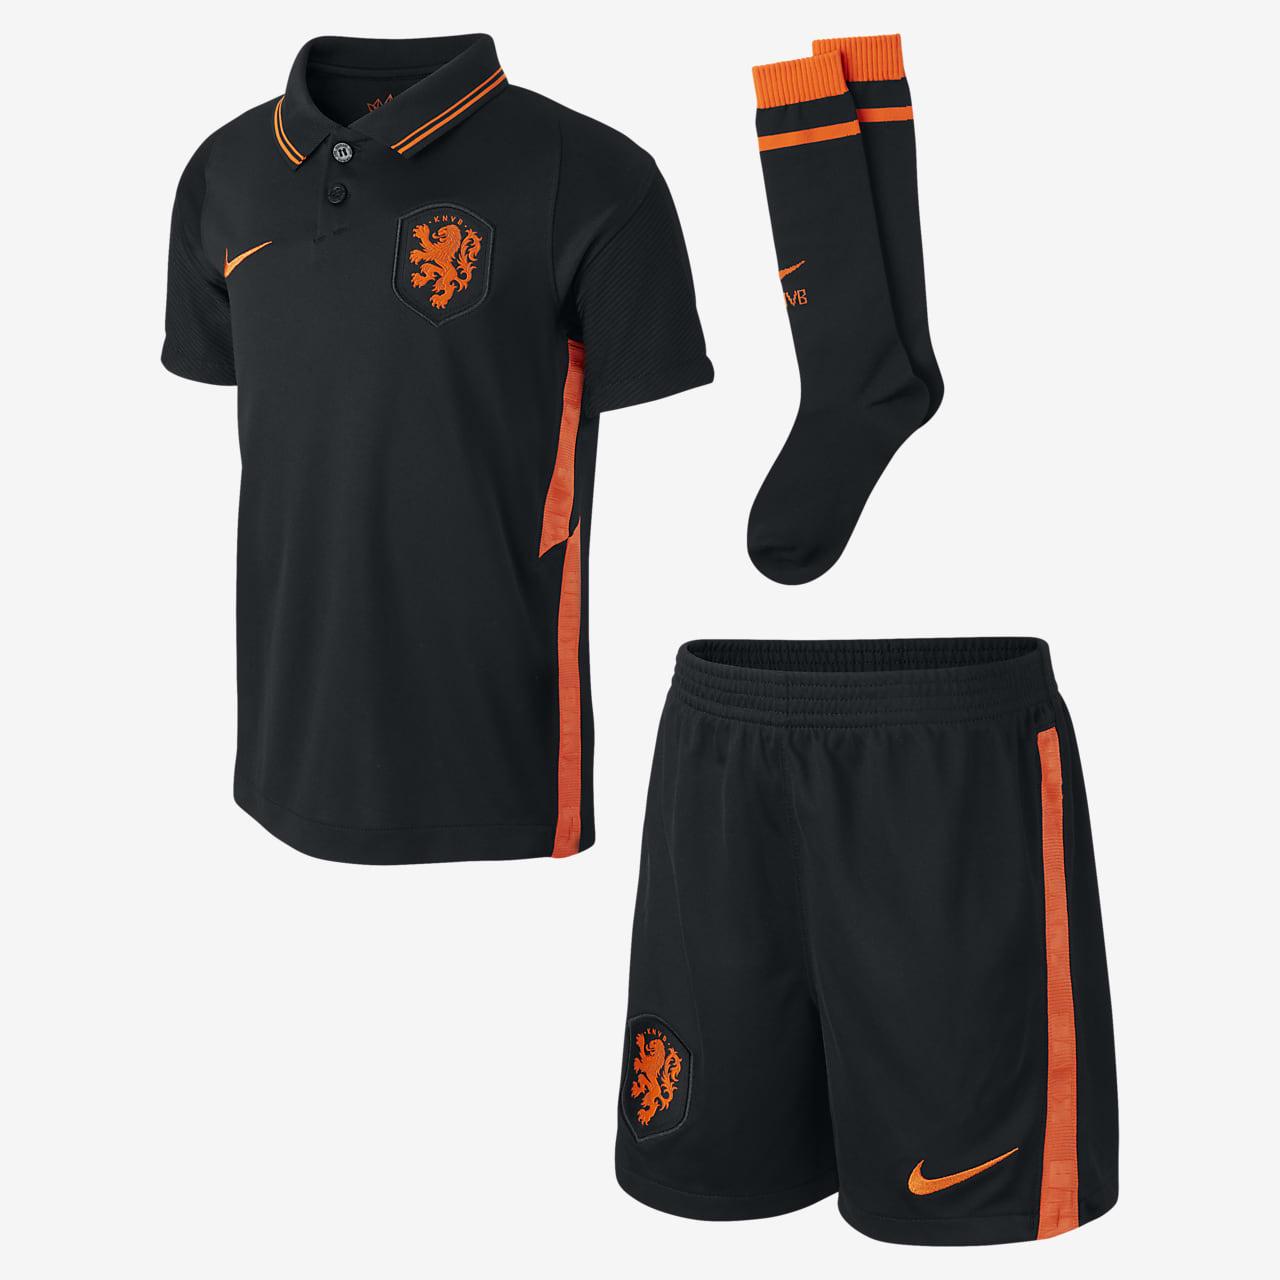 Hollanda 2020 Deplasman Küçük Çocuk Futbol Forması